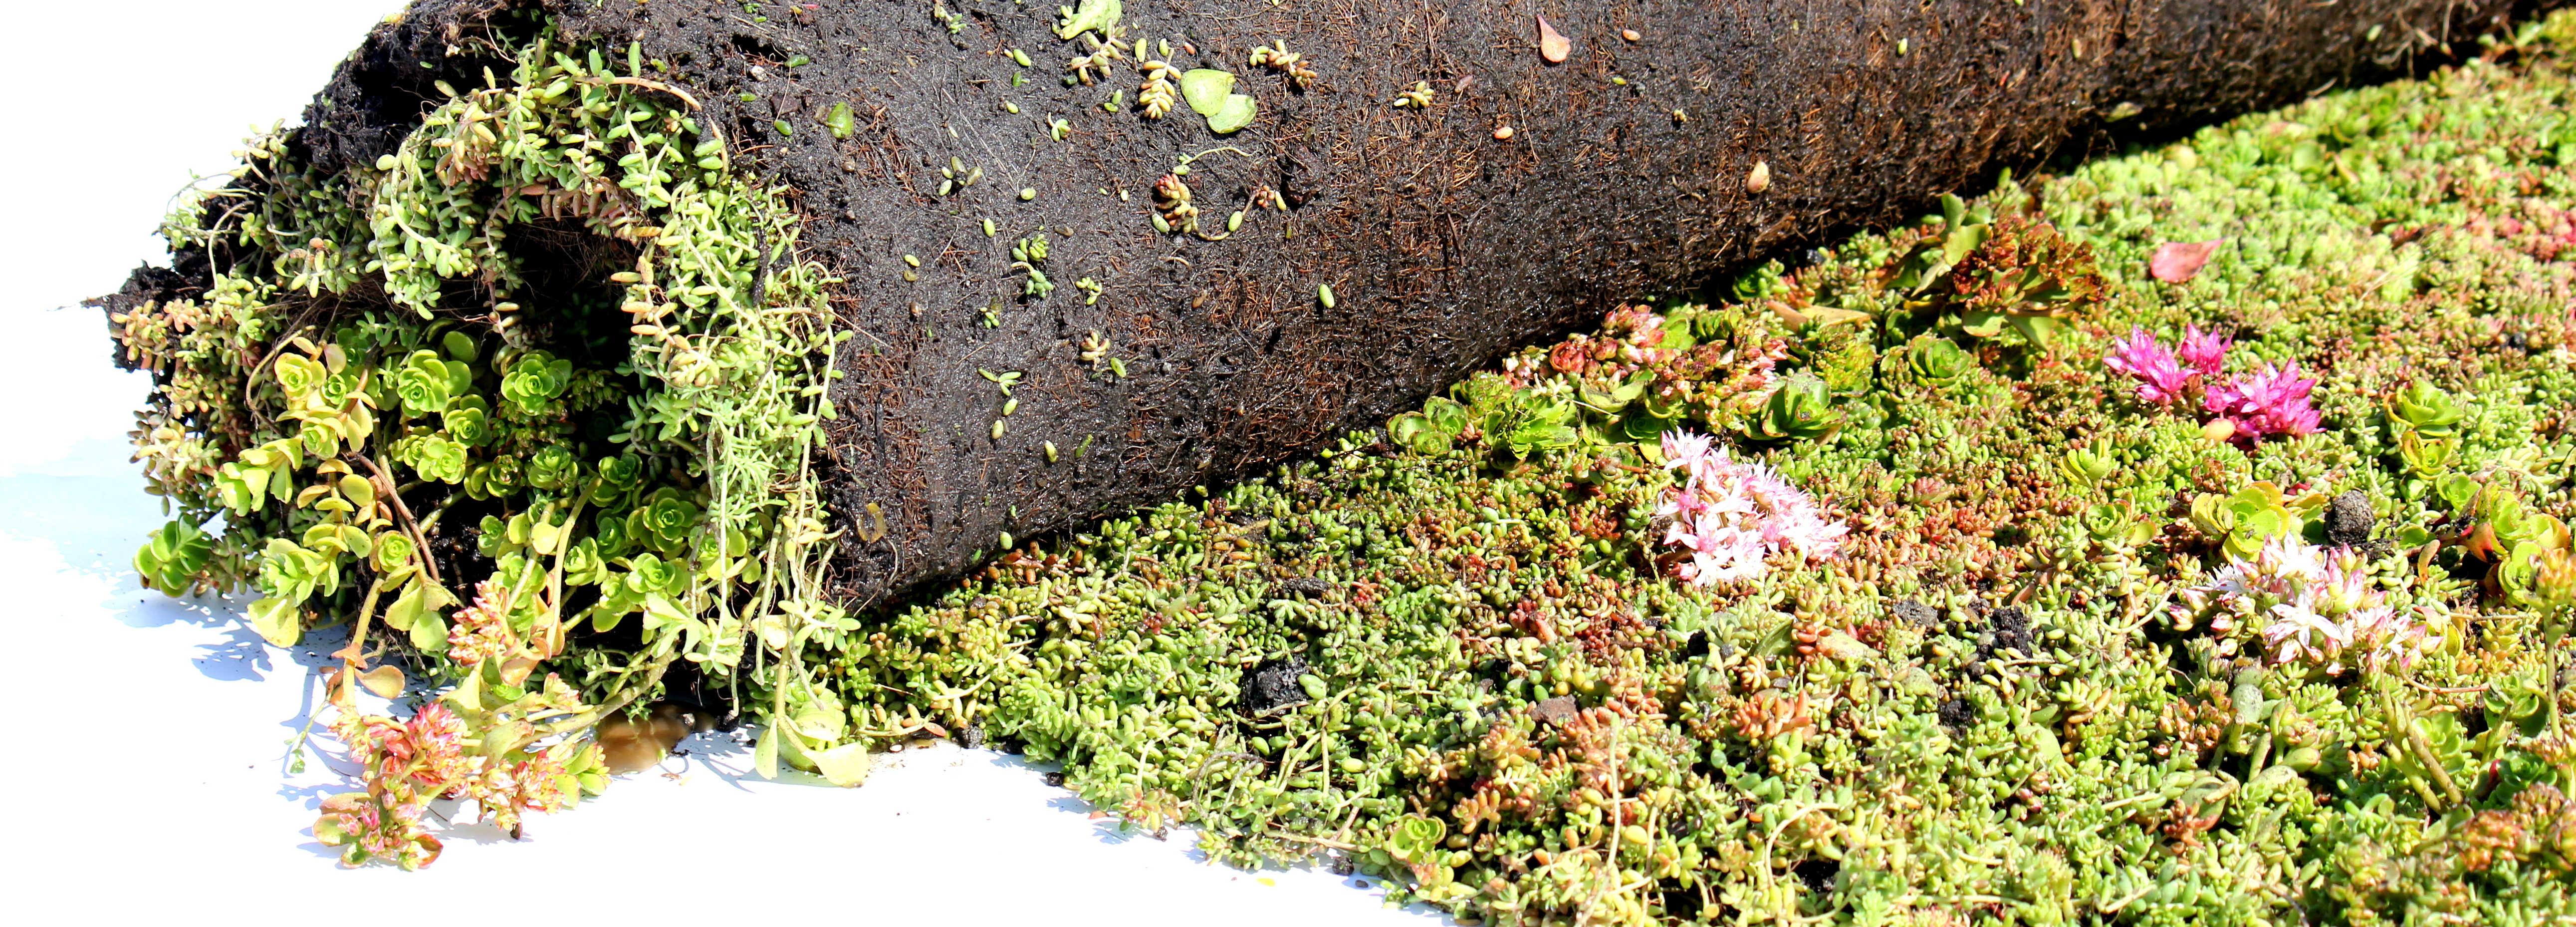 Sedum vegetationsmåtter